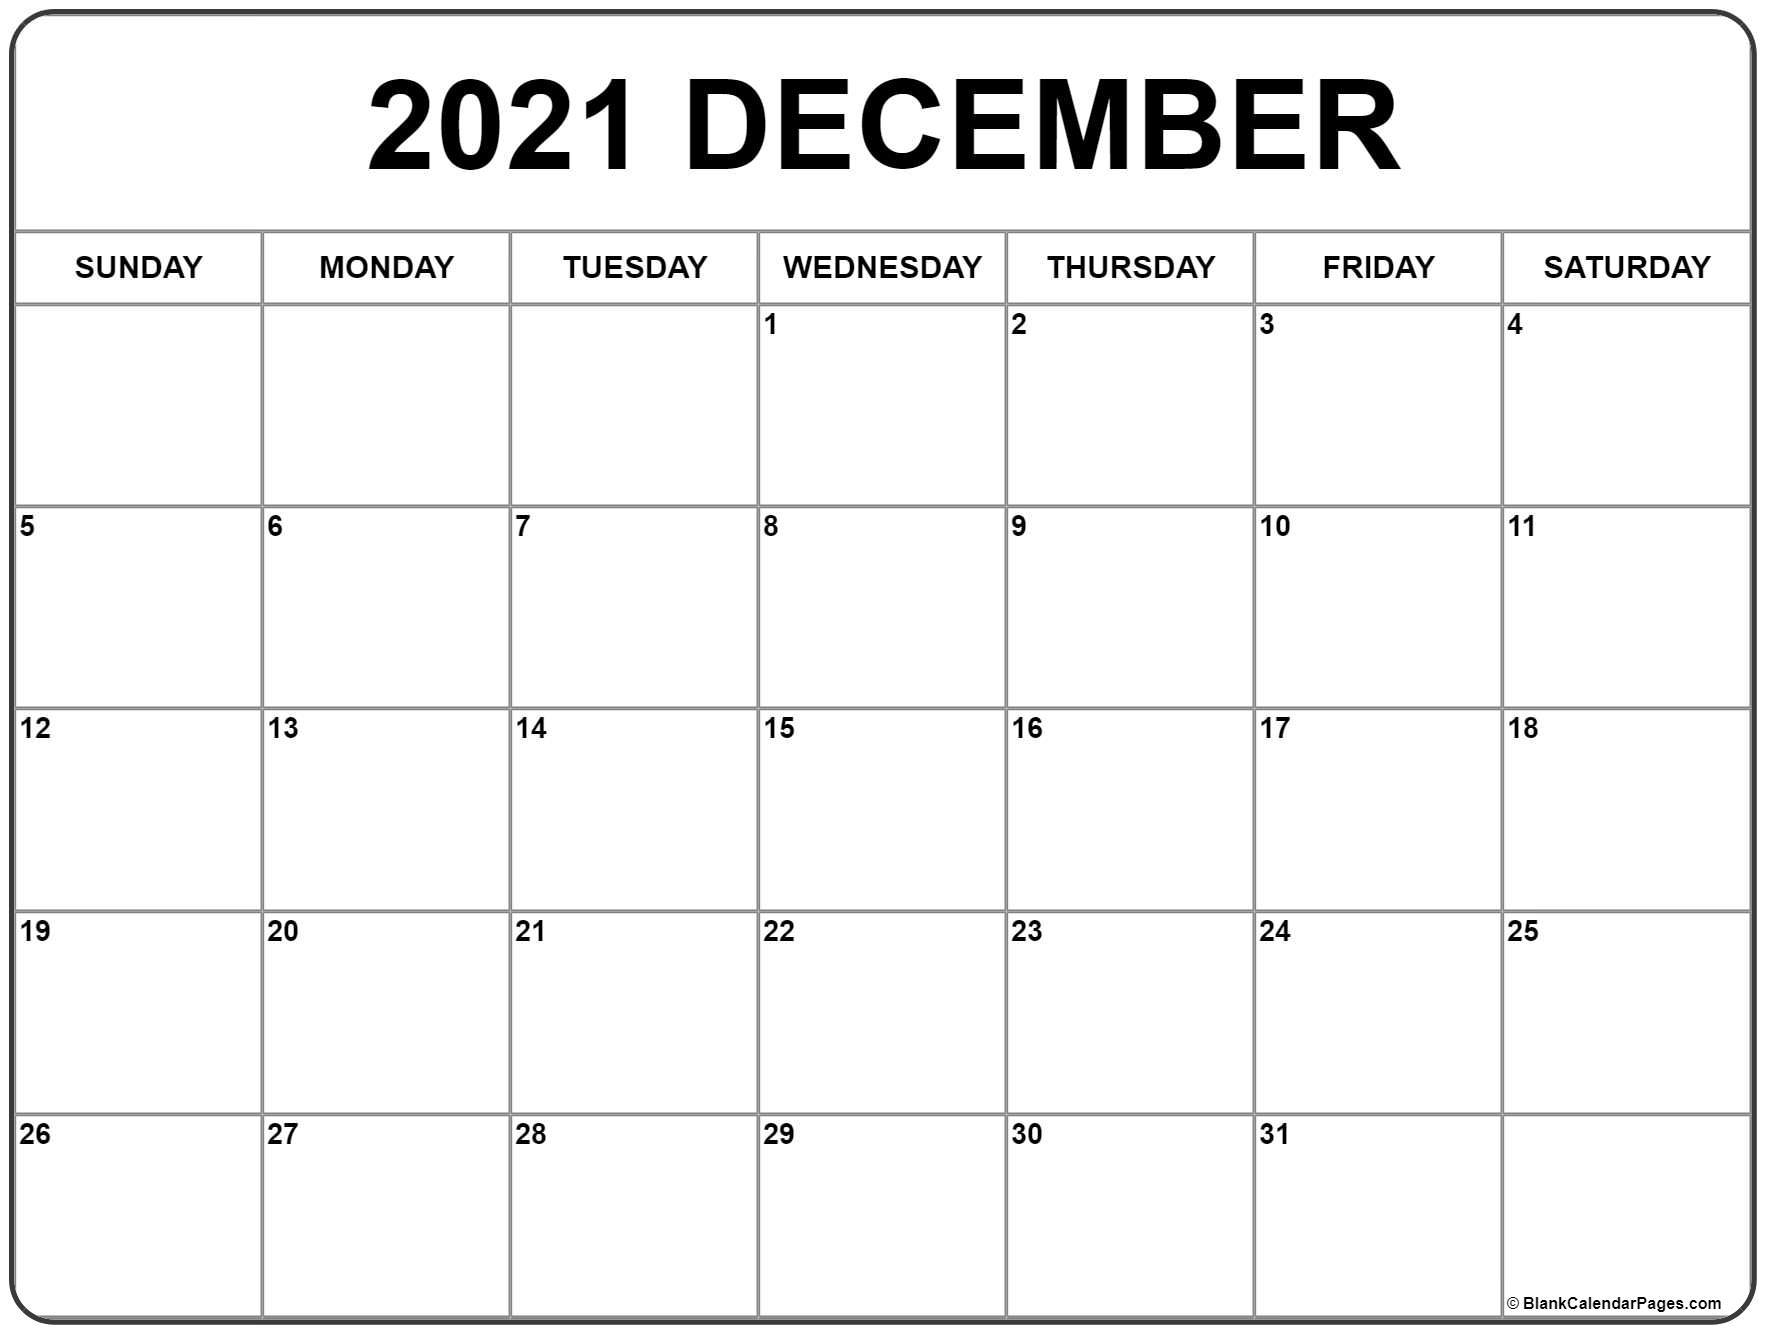 Get December Christmas 2021 Calendar Template